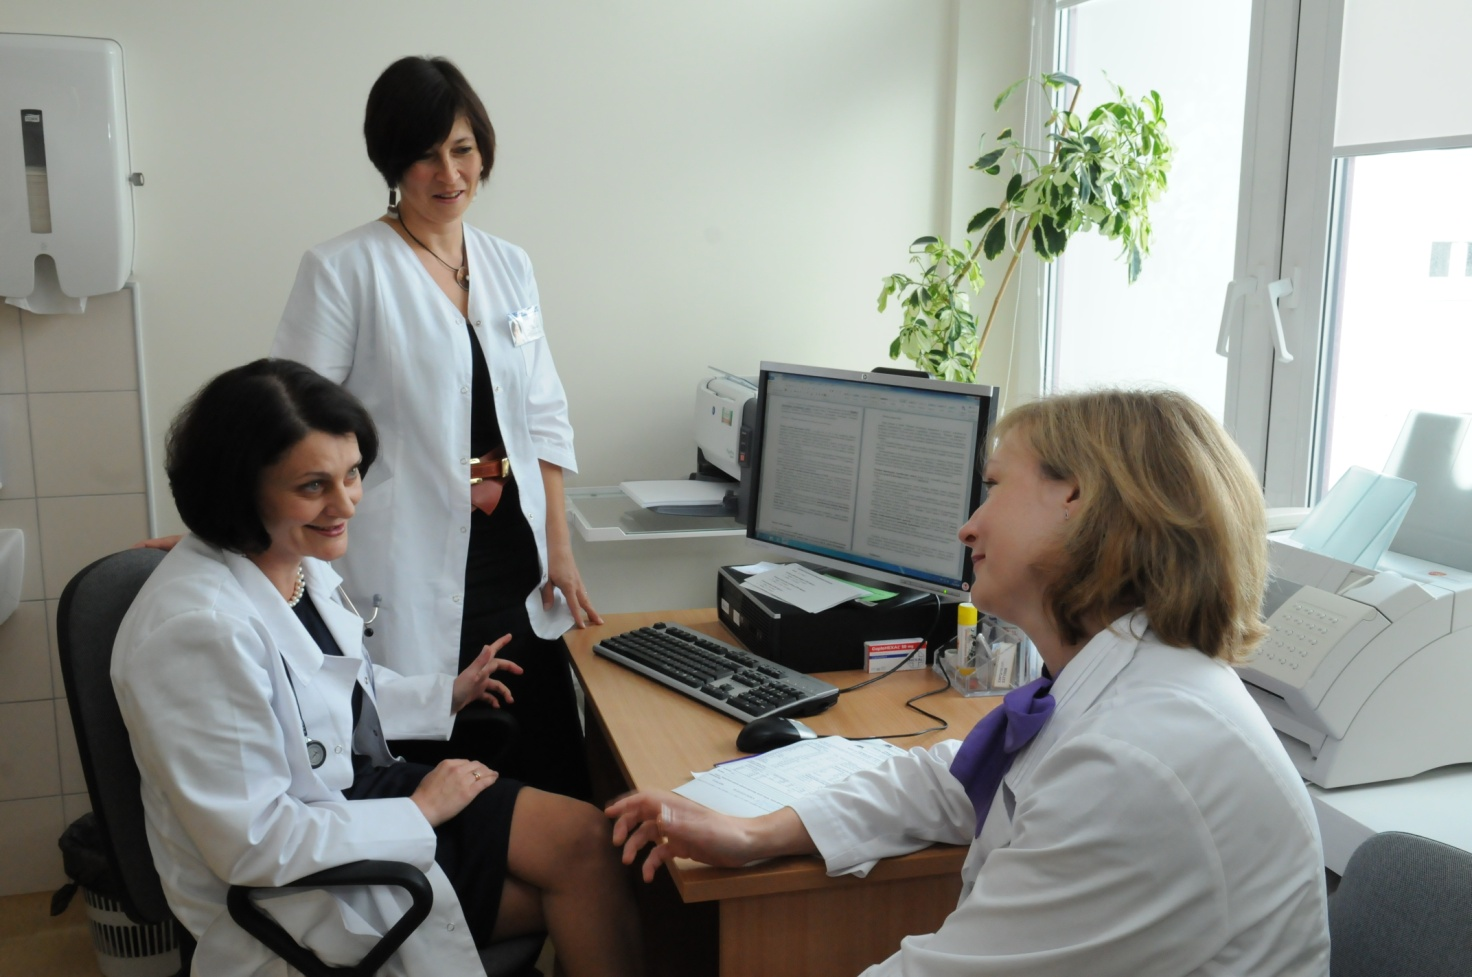 Skausmai krūtinės srityje: kaip laiku atpažinti kardiologinius susirgimus